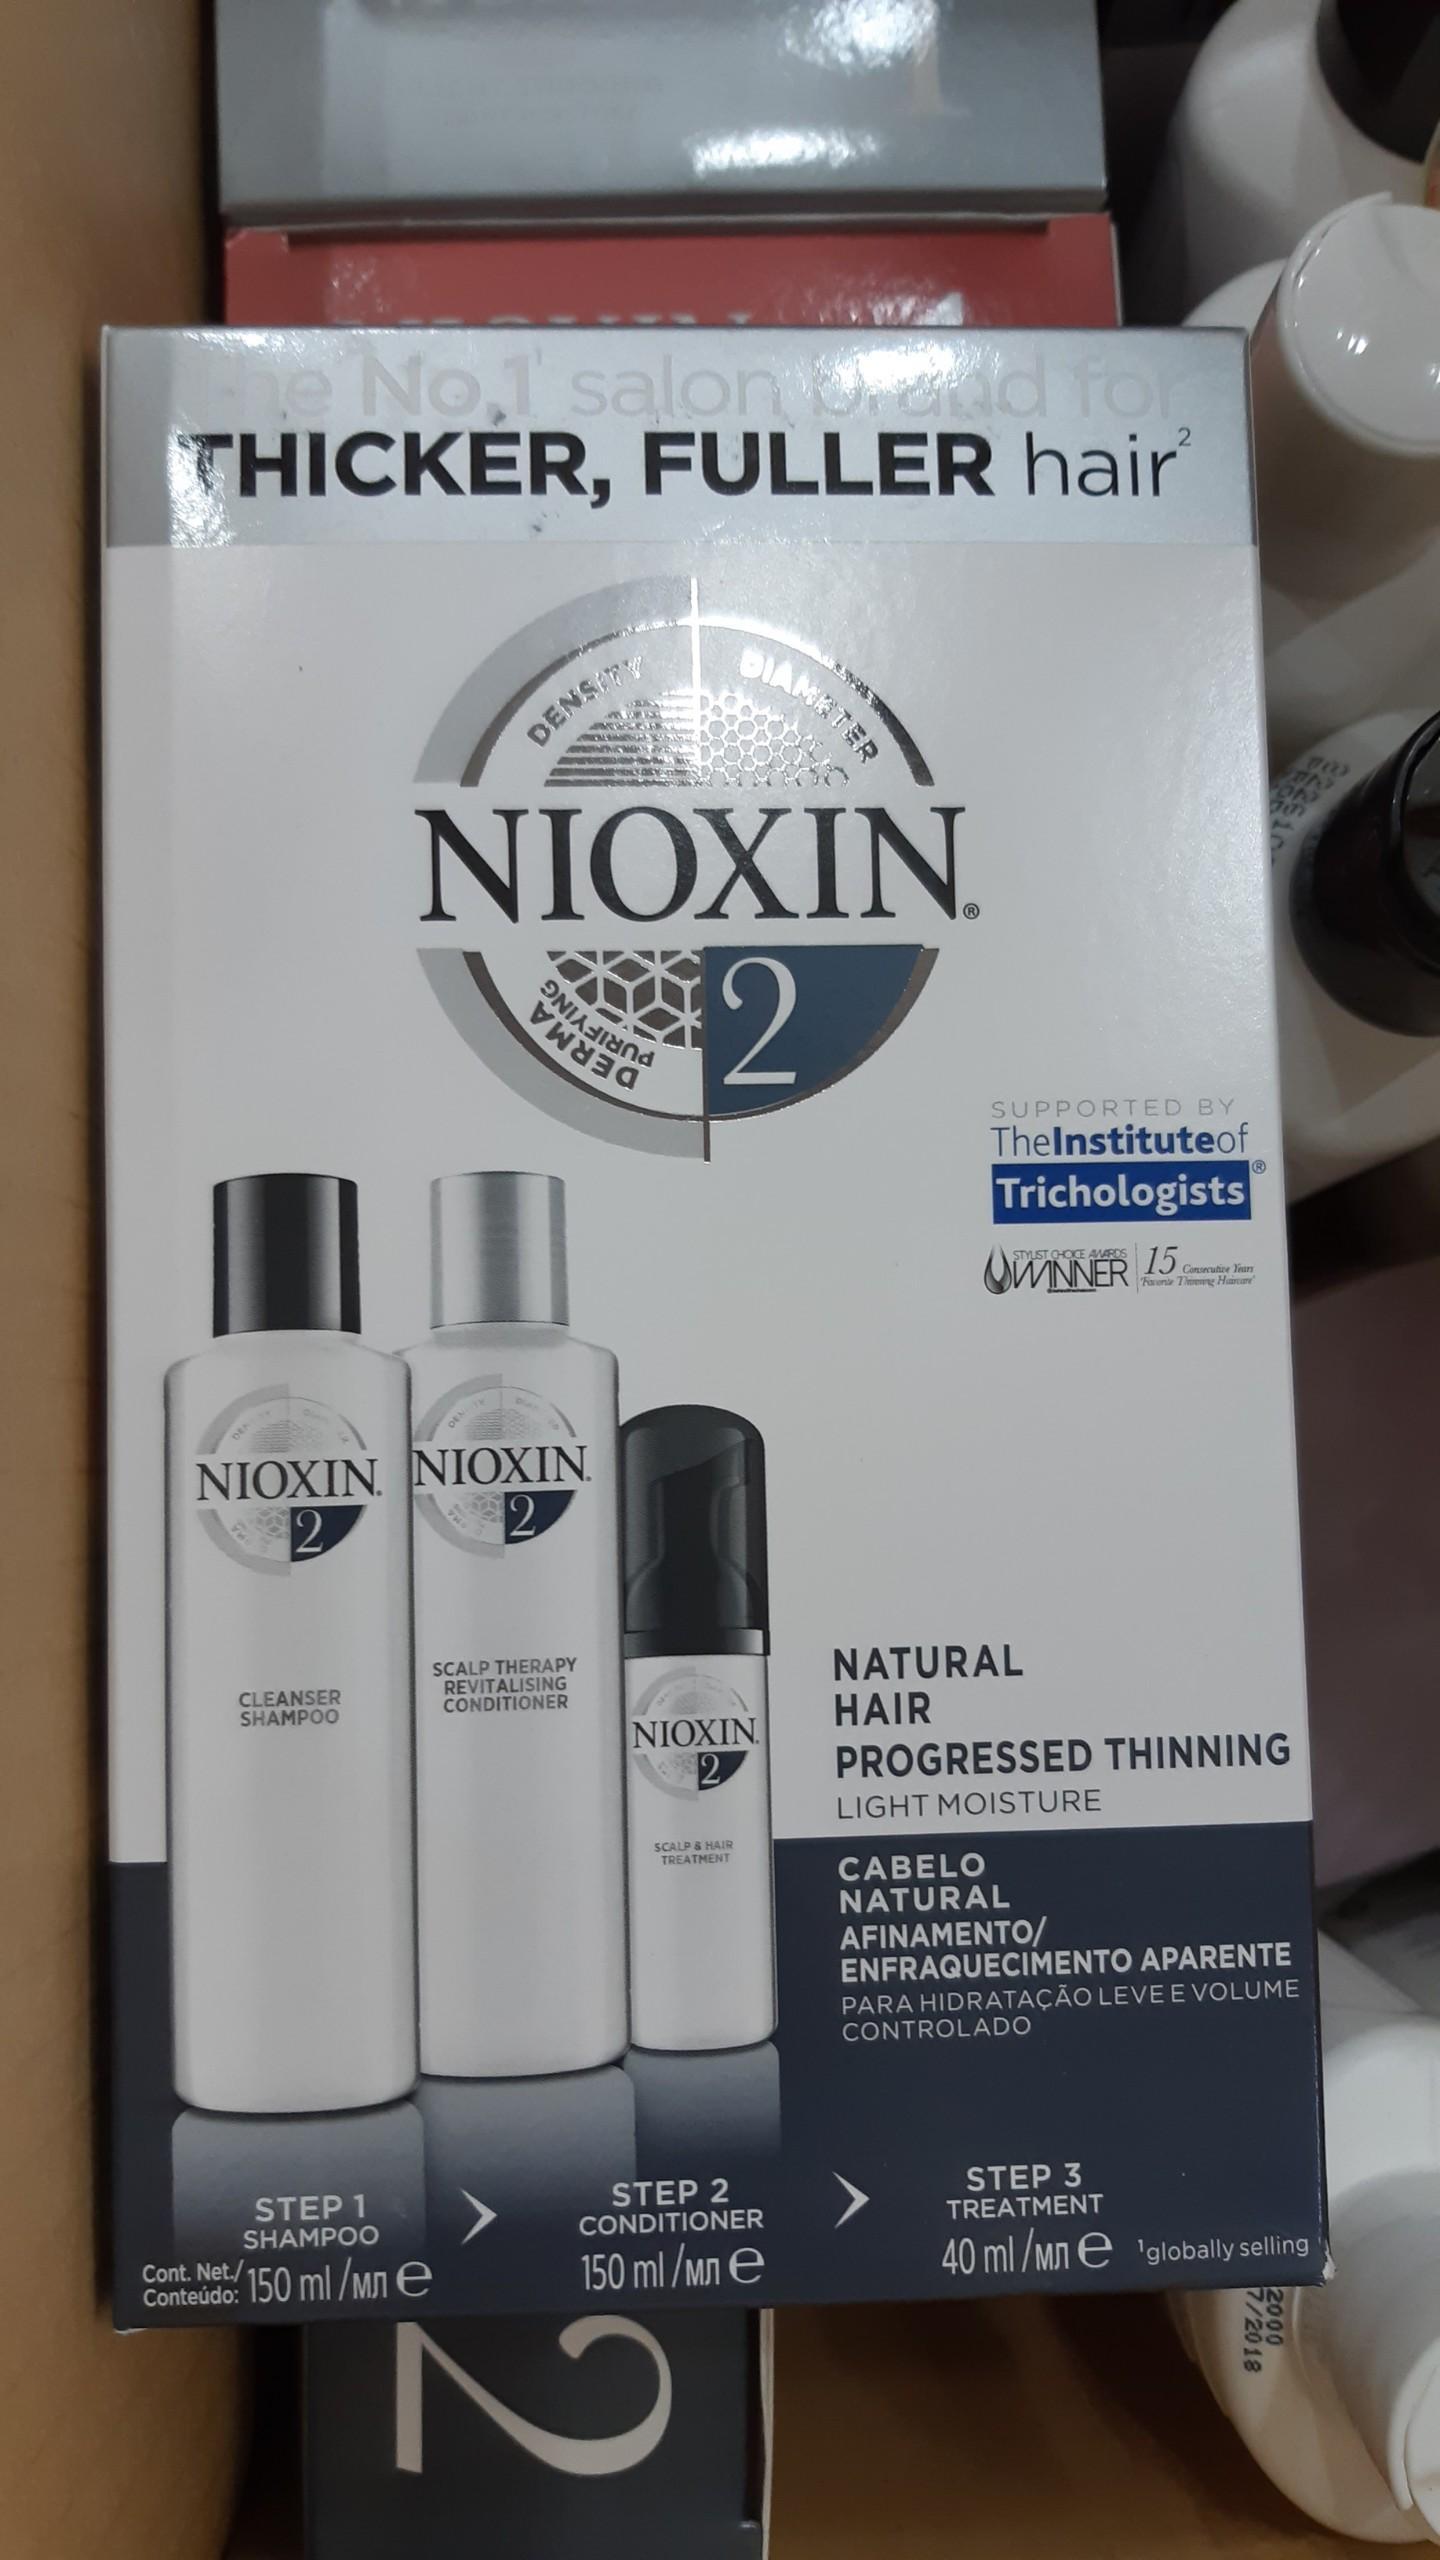 BỘ SẢN PHẨM CHỐNG RỤNG TÓC NIOXIN SỐ 2 (150ML + 150ML+ 50ML) MẪU MỚI chính hãng